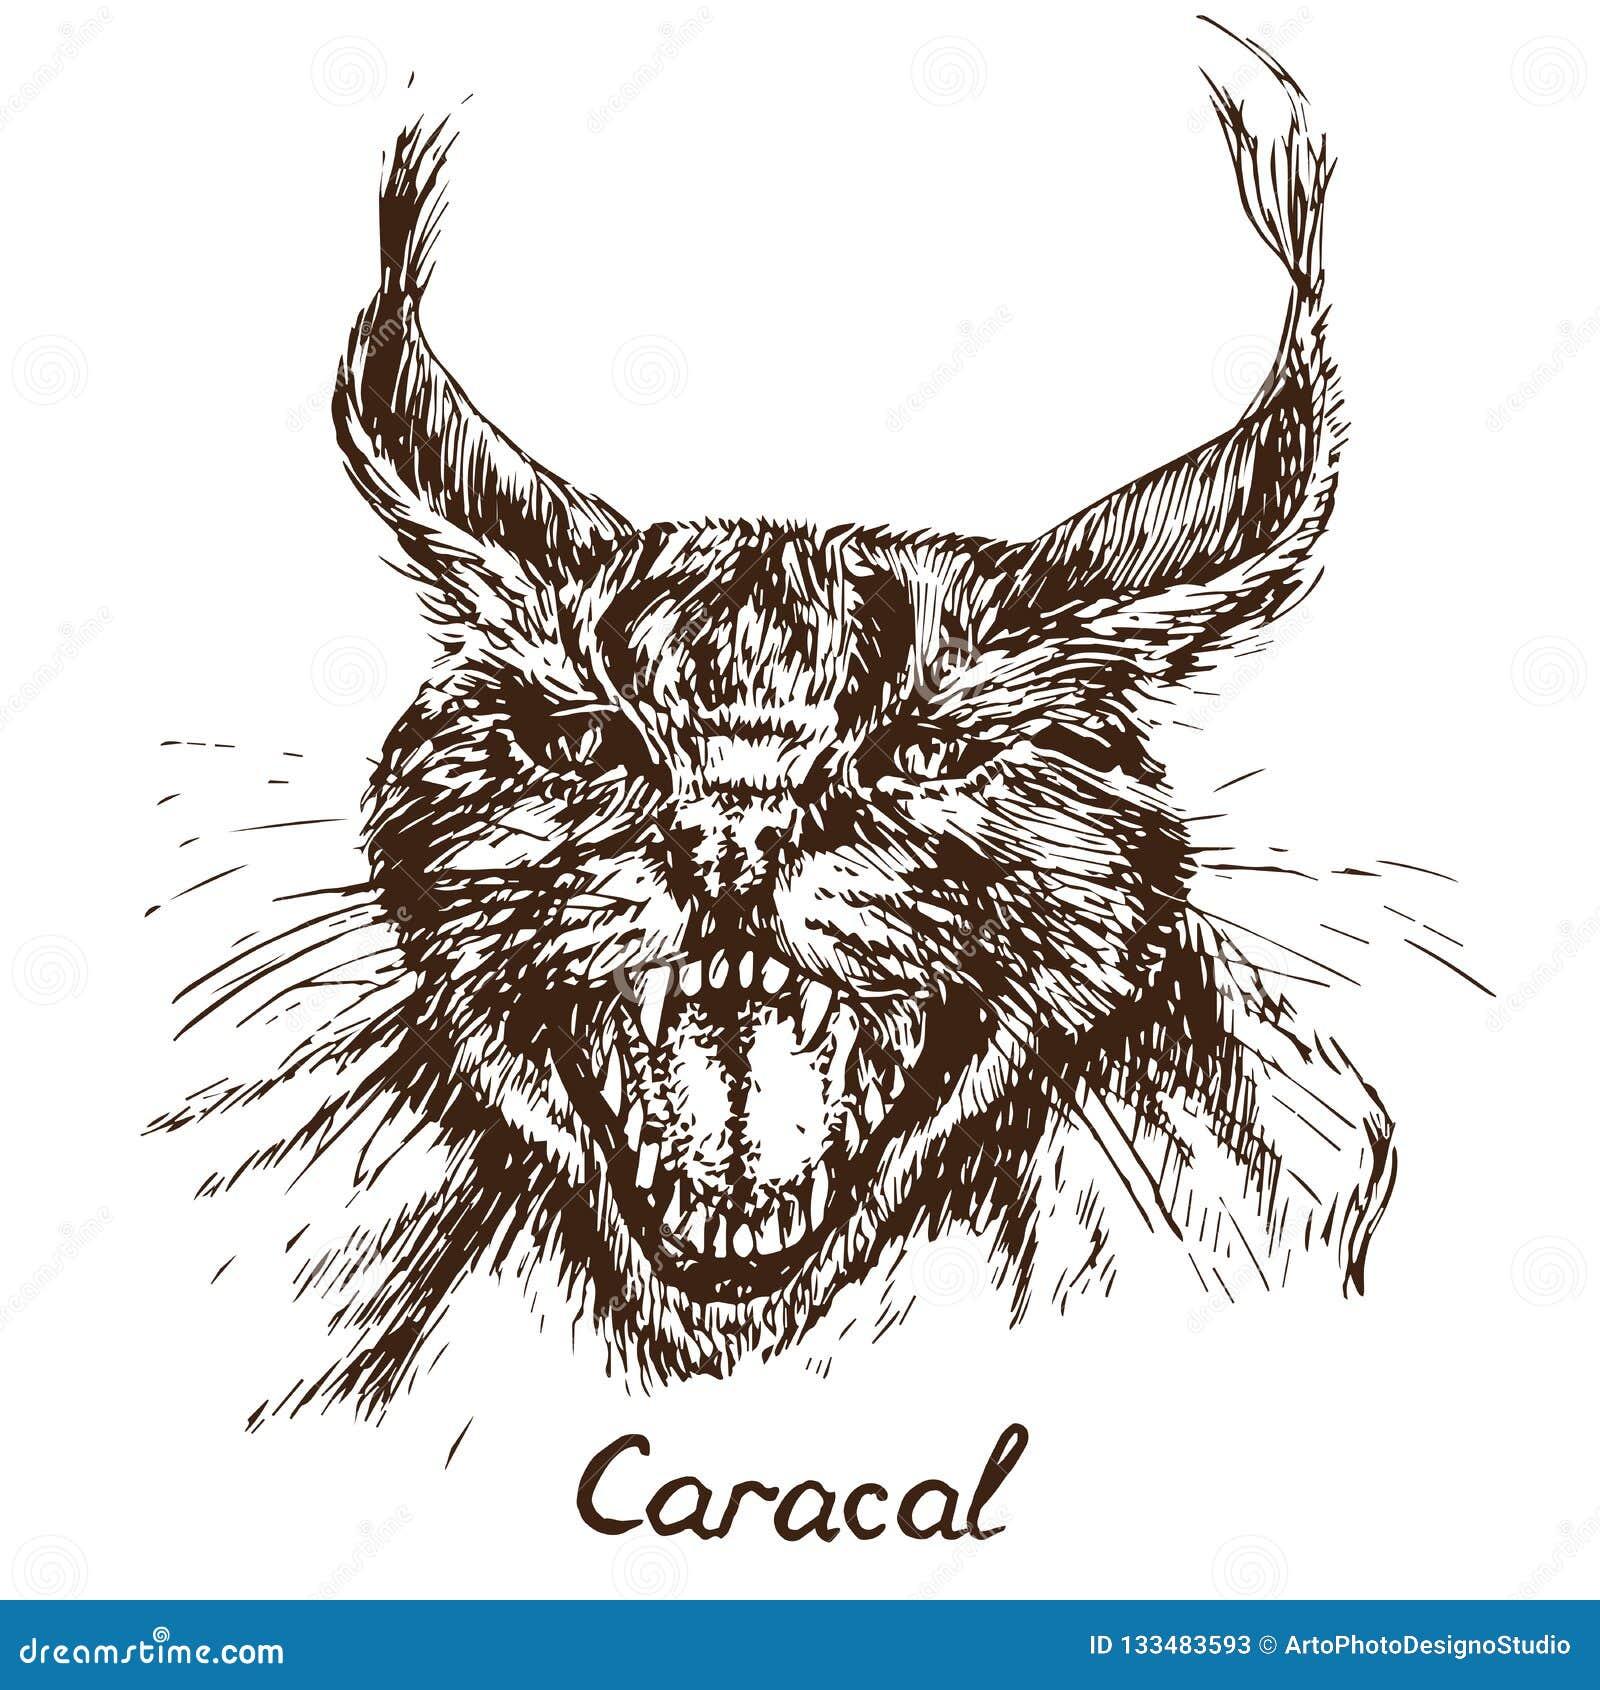 El retrato rojo del gato, del rooikat, rojo o persa de Caracal del lince el gruñir, ha abierto una boca amargada, colmillos